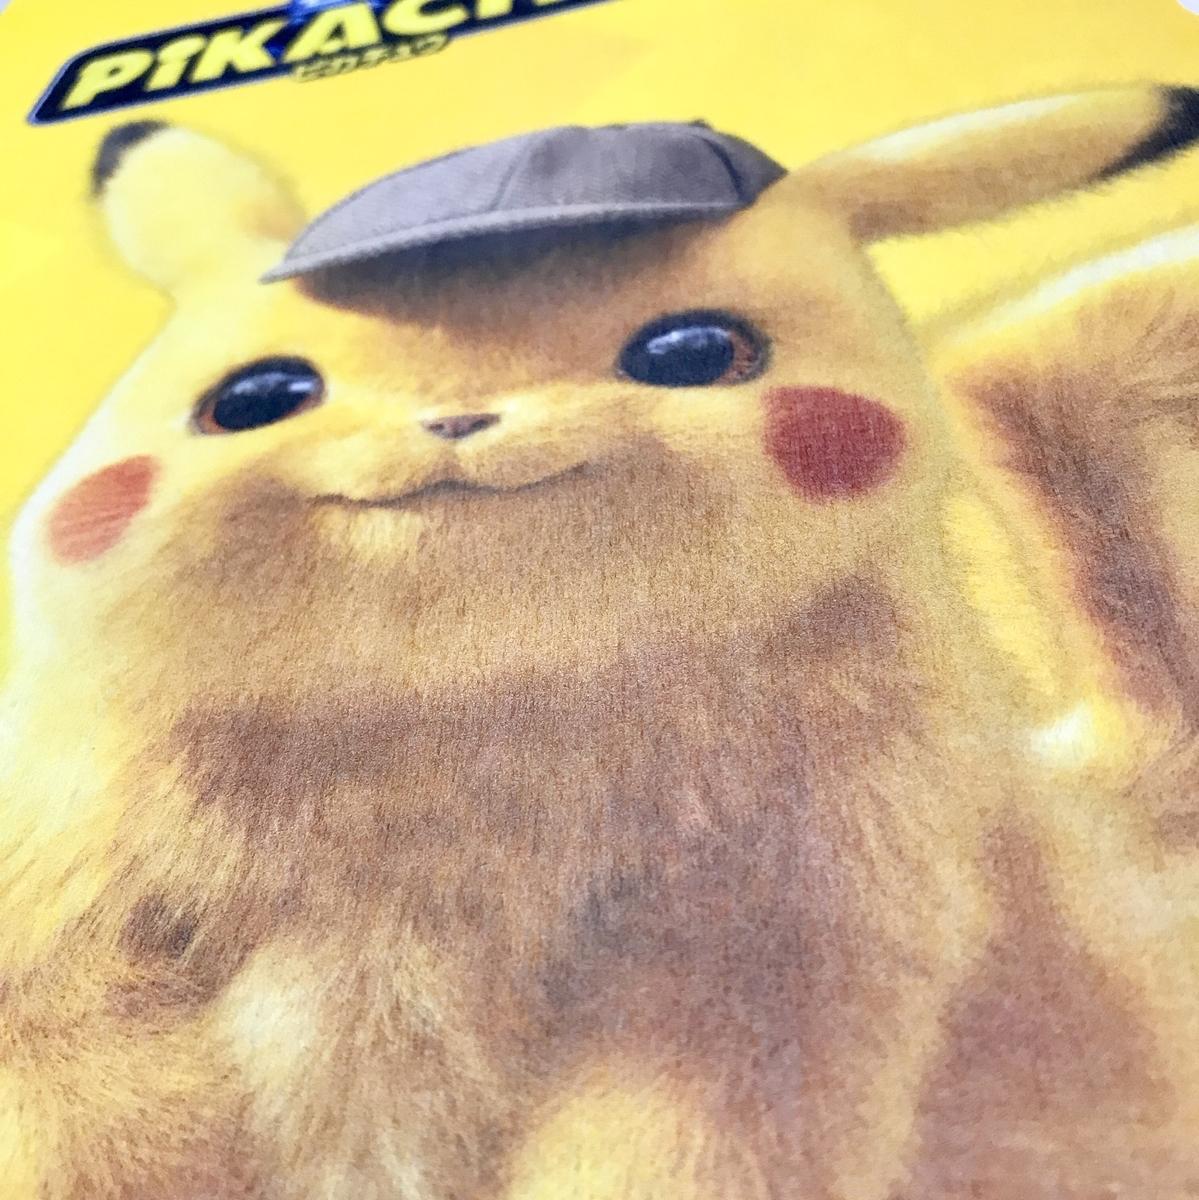 f:id:pikachu_pcn:20190321210020j:plain